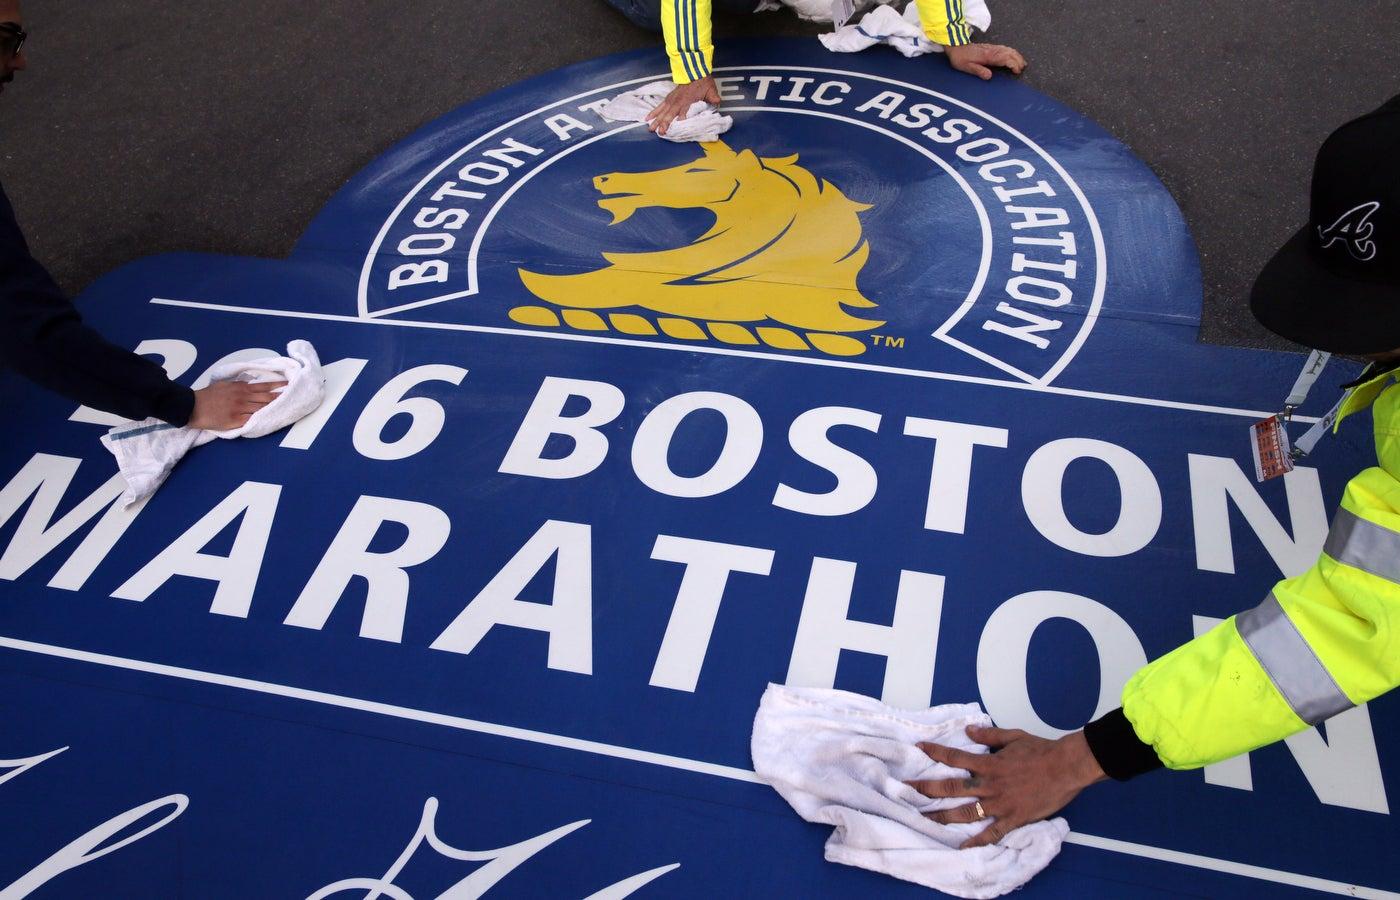 Photos from the 2016 boston marathon